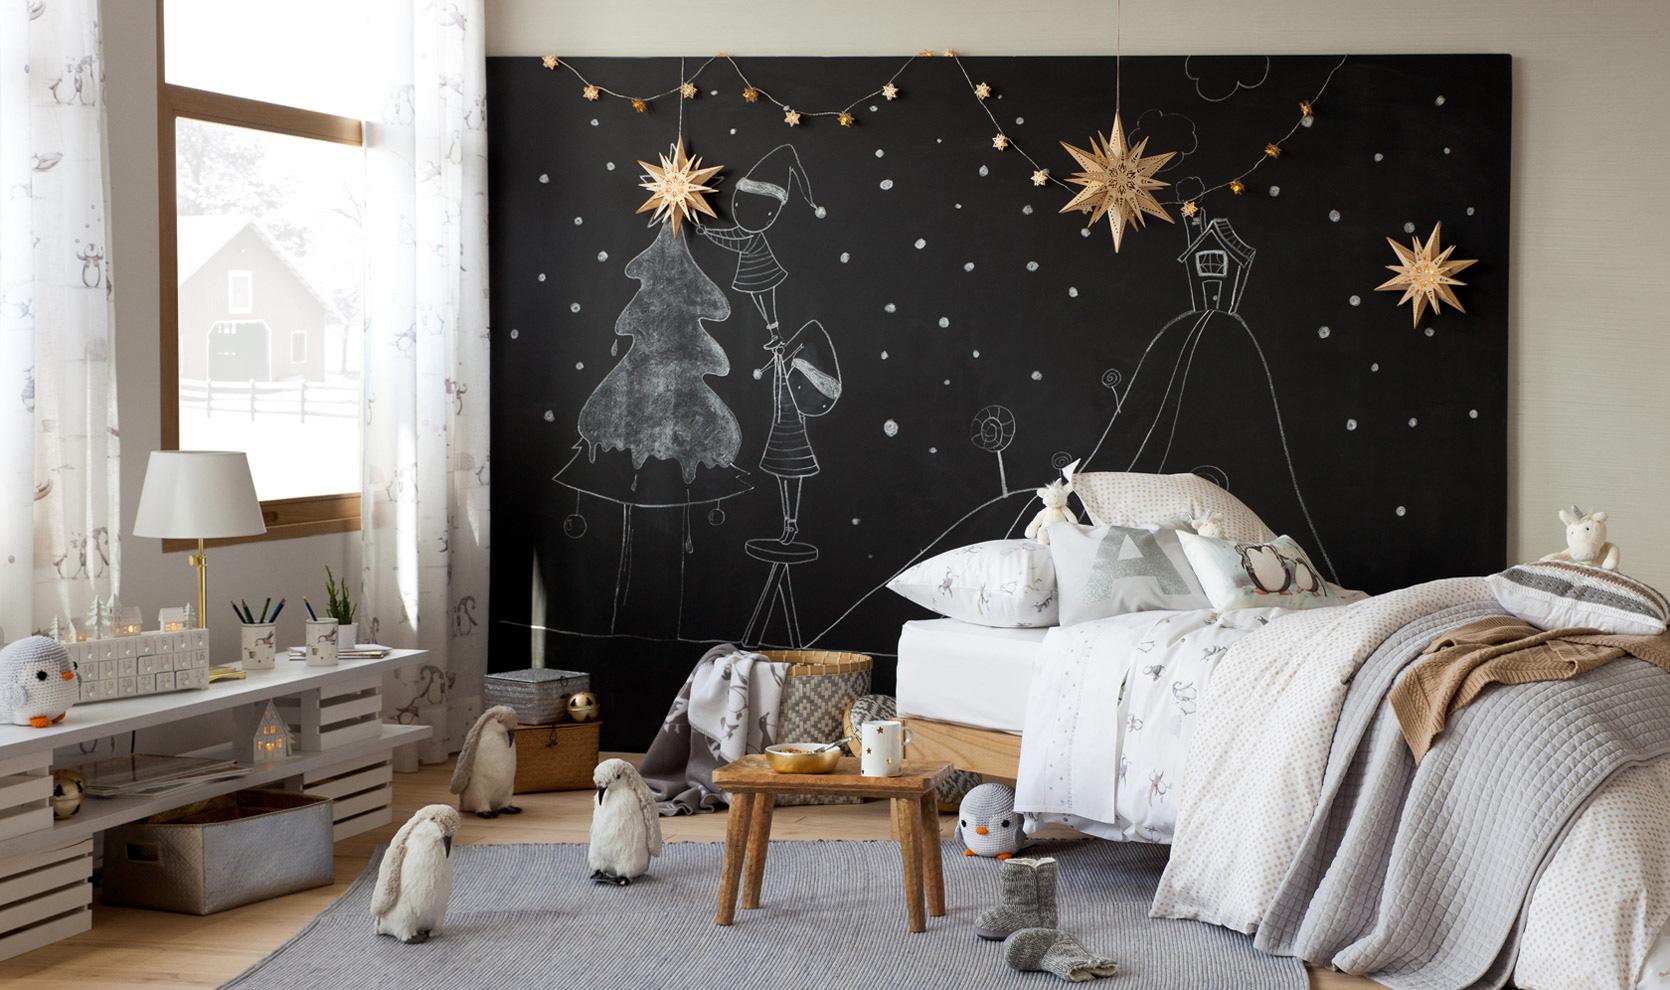 Viste de Navidad con ZaraHome 2015/16 – Interiores Chic | Blog de ...